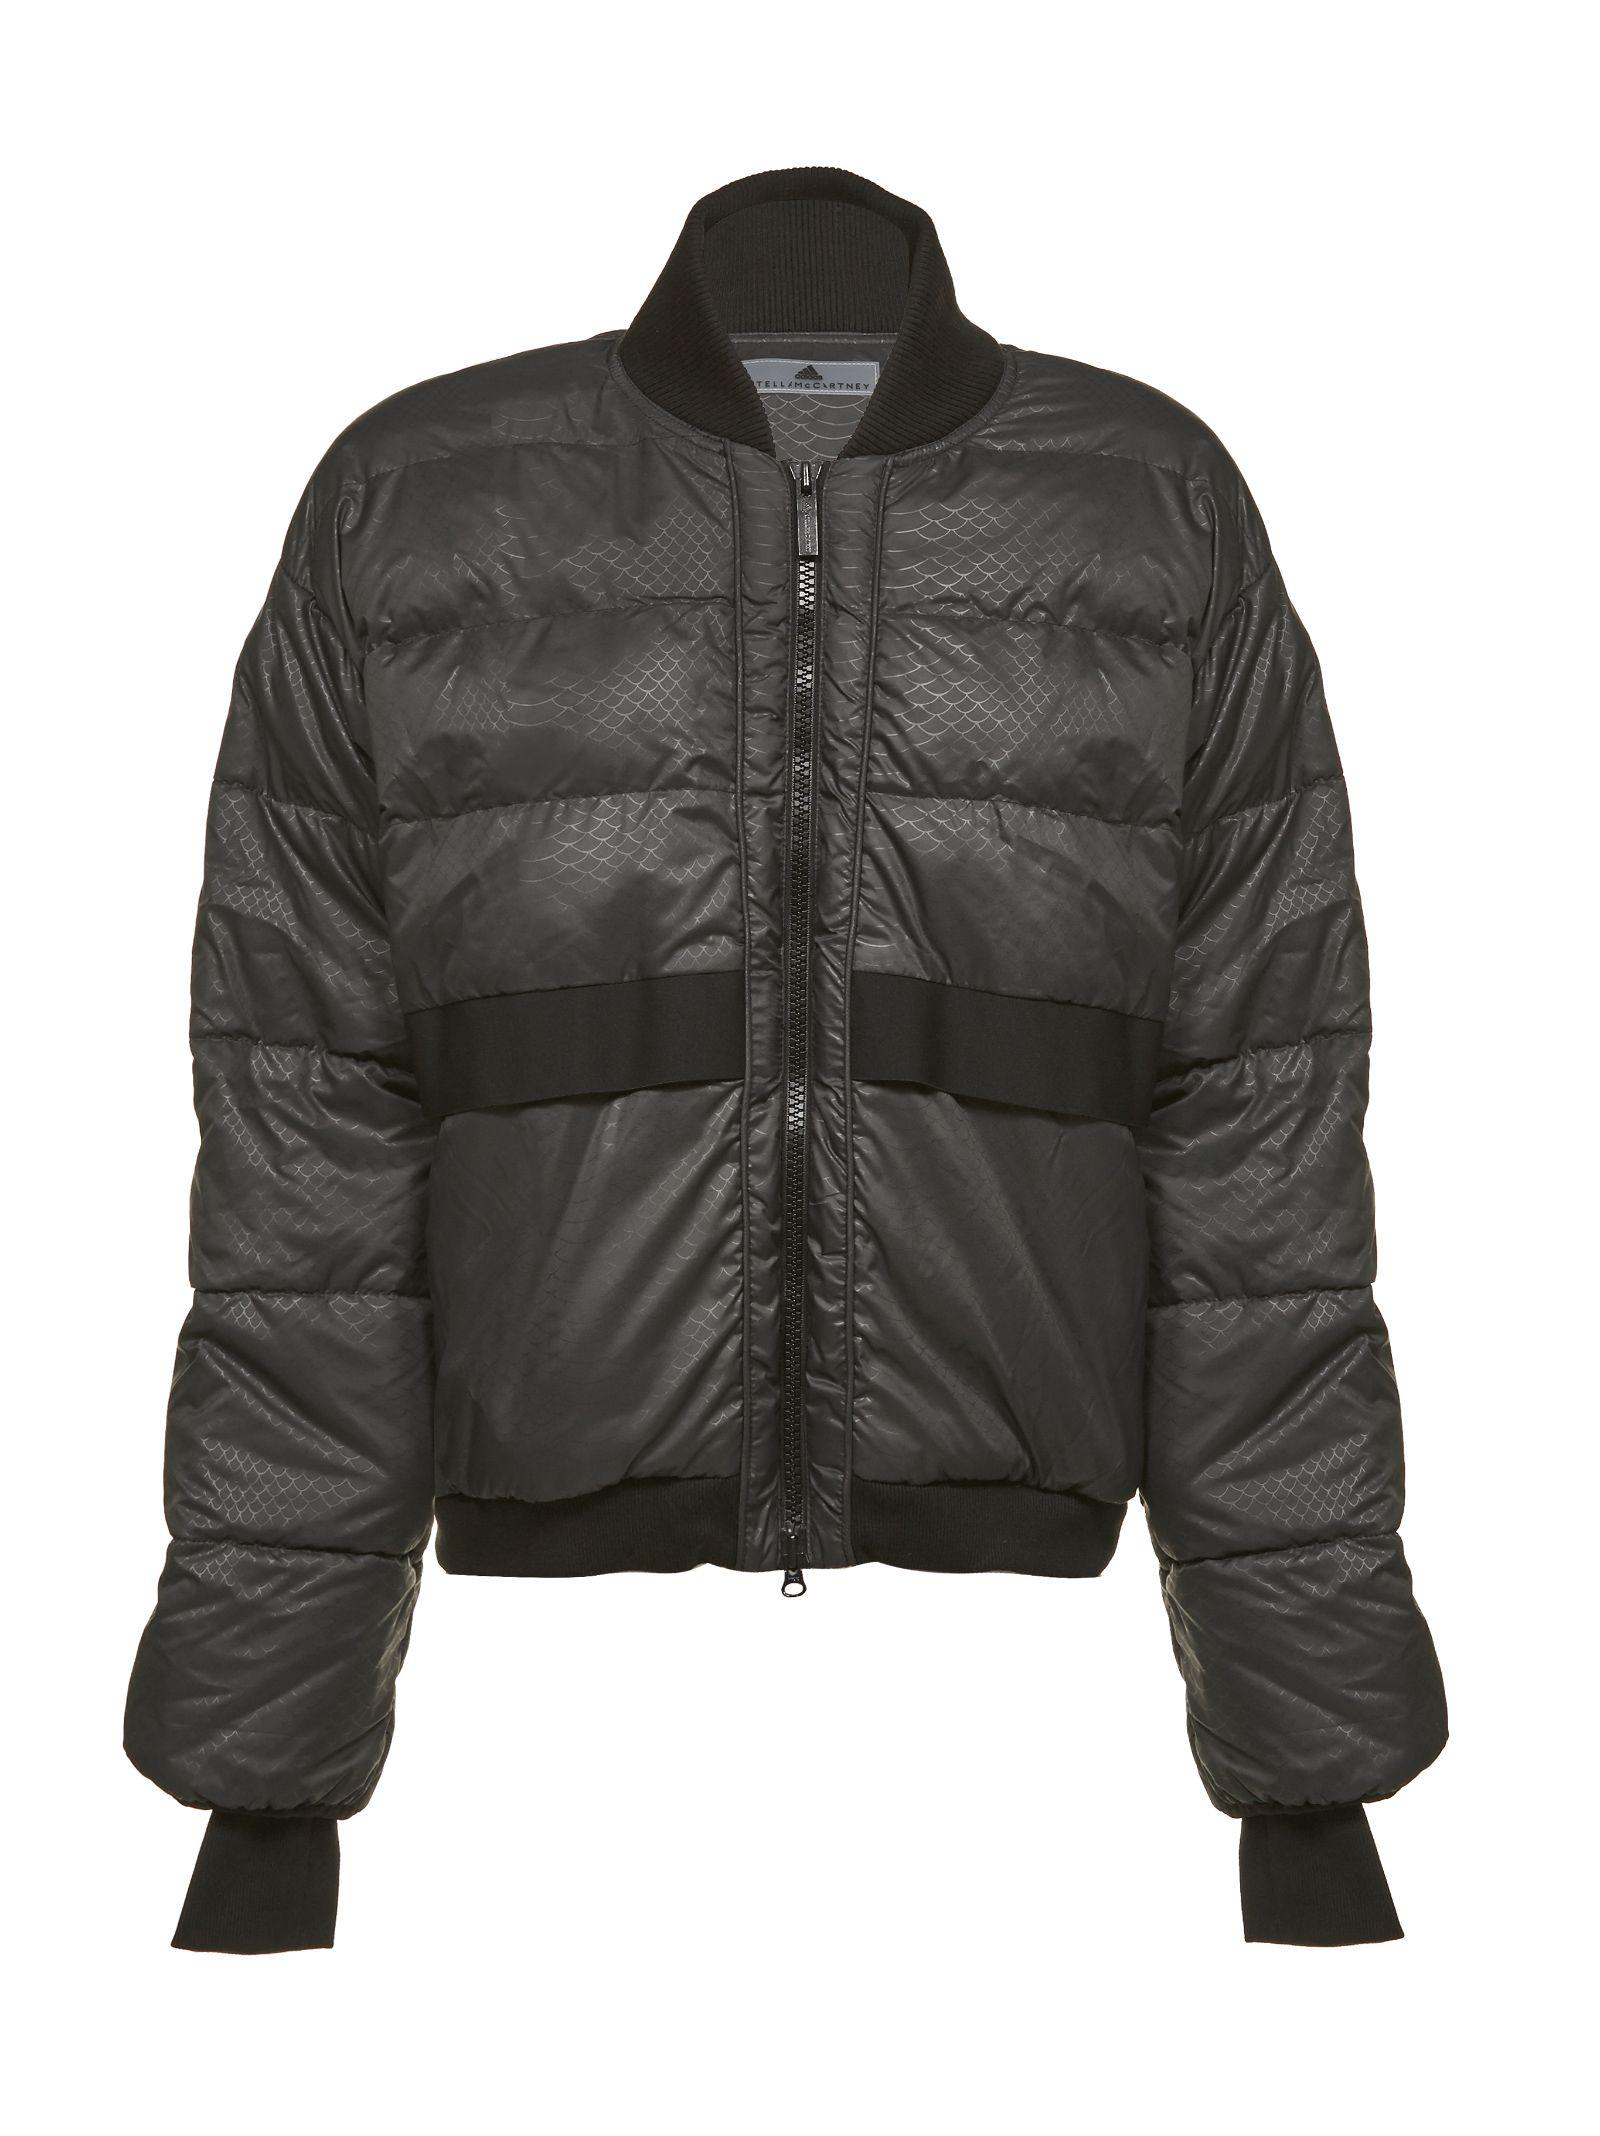 a17373ab8 Adidas by Stella McCartney Adidas by Stella McCartney Down Jacket ...